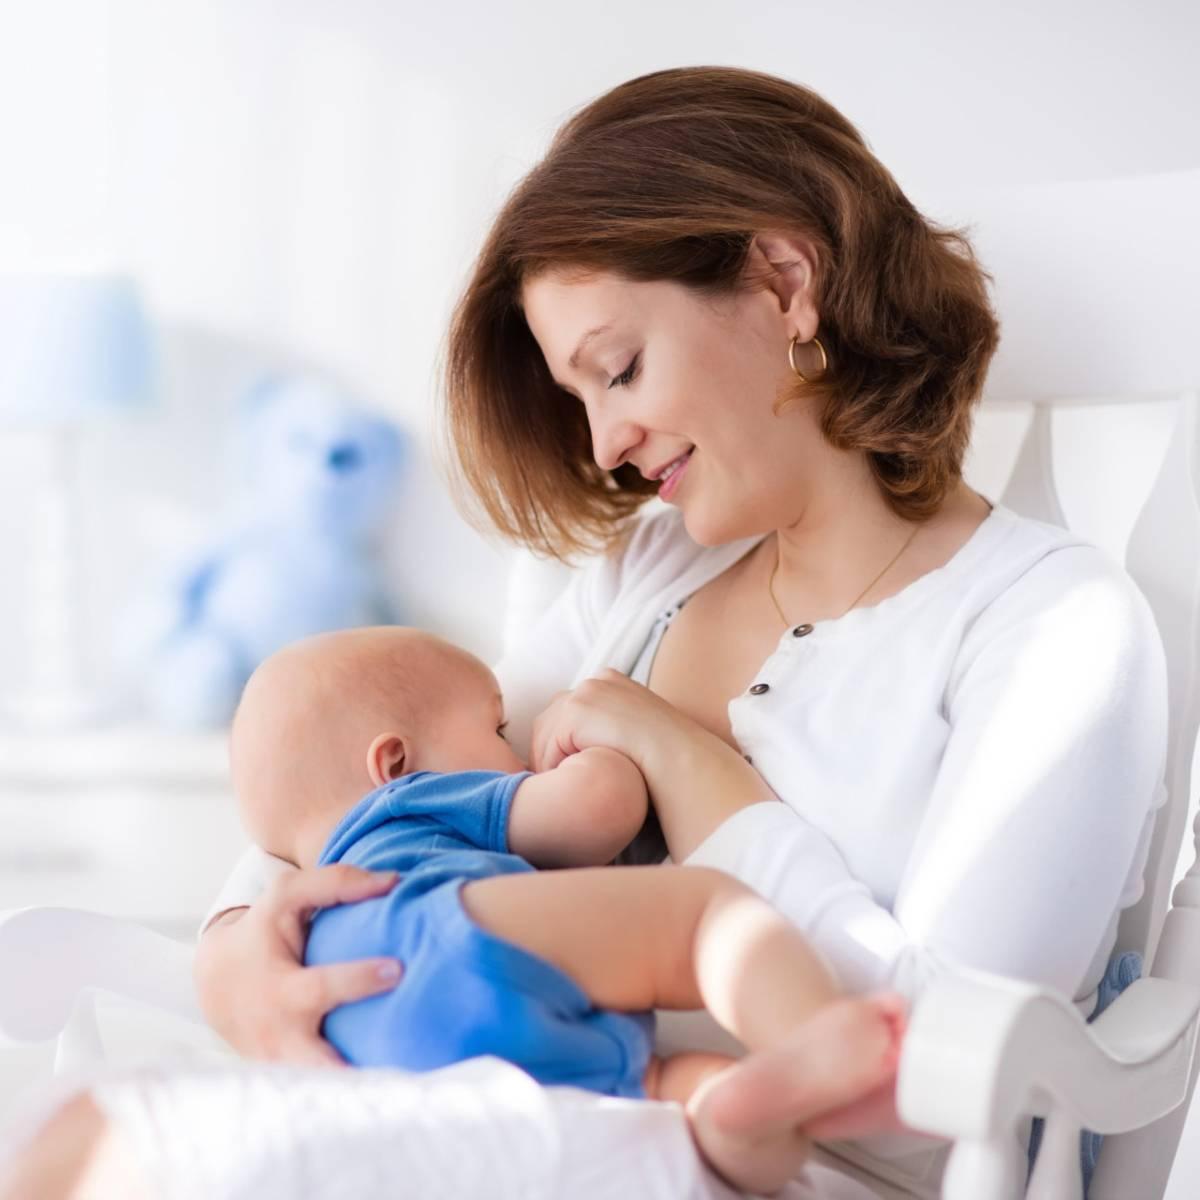 Через сколько времени после родов начинаются месячные: восстановление цикла при грудном вскармливании